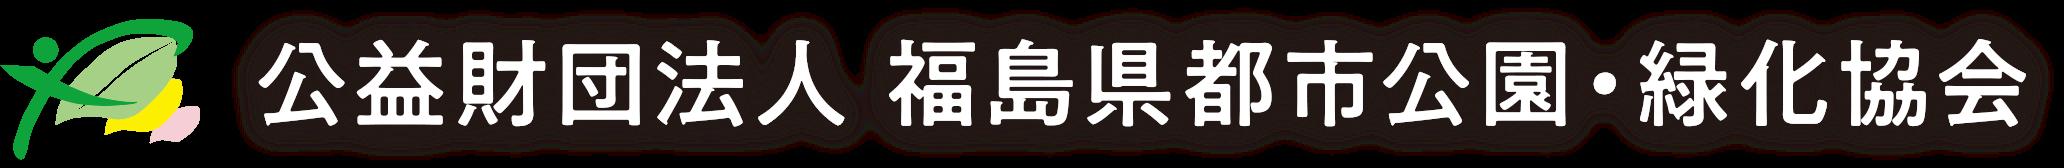 公益財団法人 福島県都市公園・緑化協会